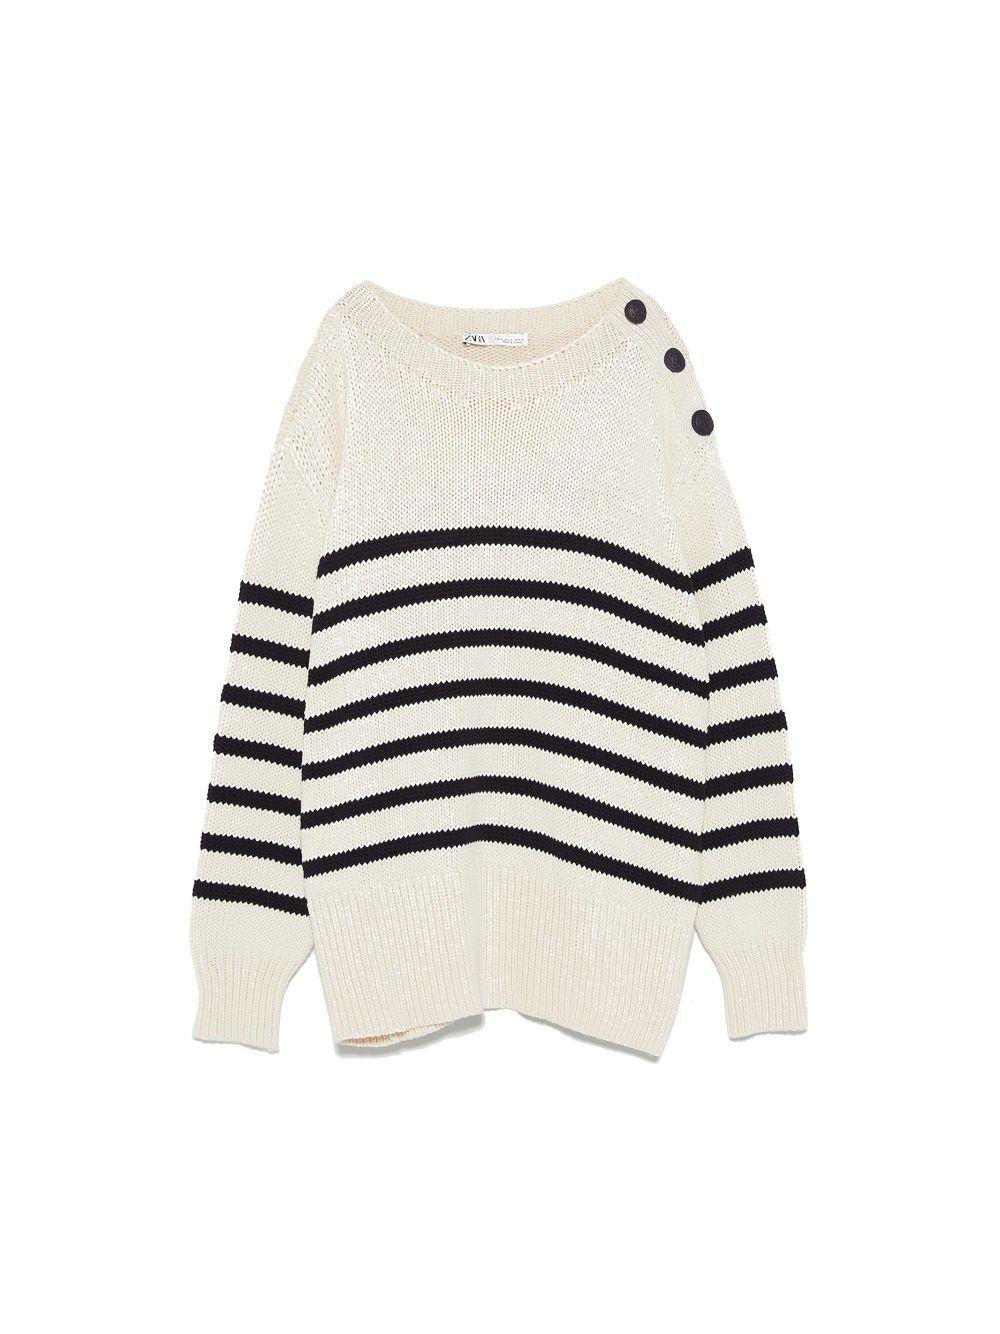 Jersey de rayas de Zara (29,95 euros)